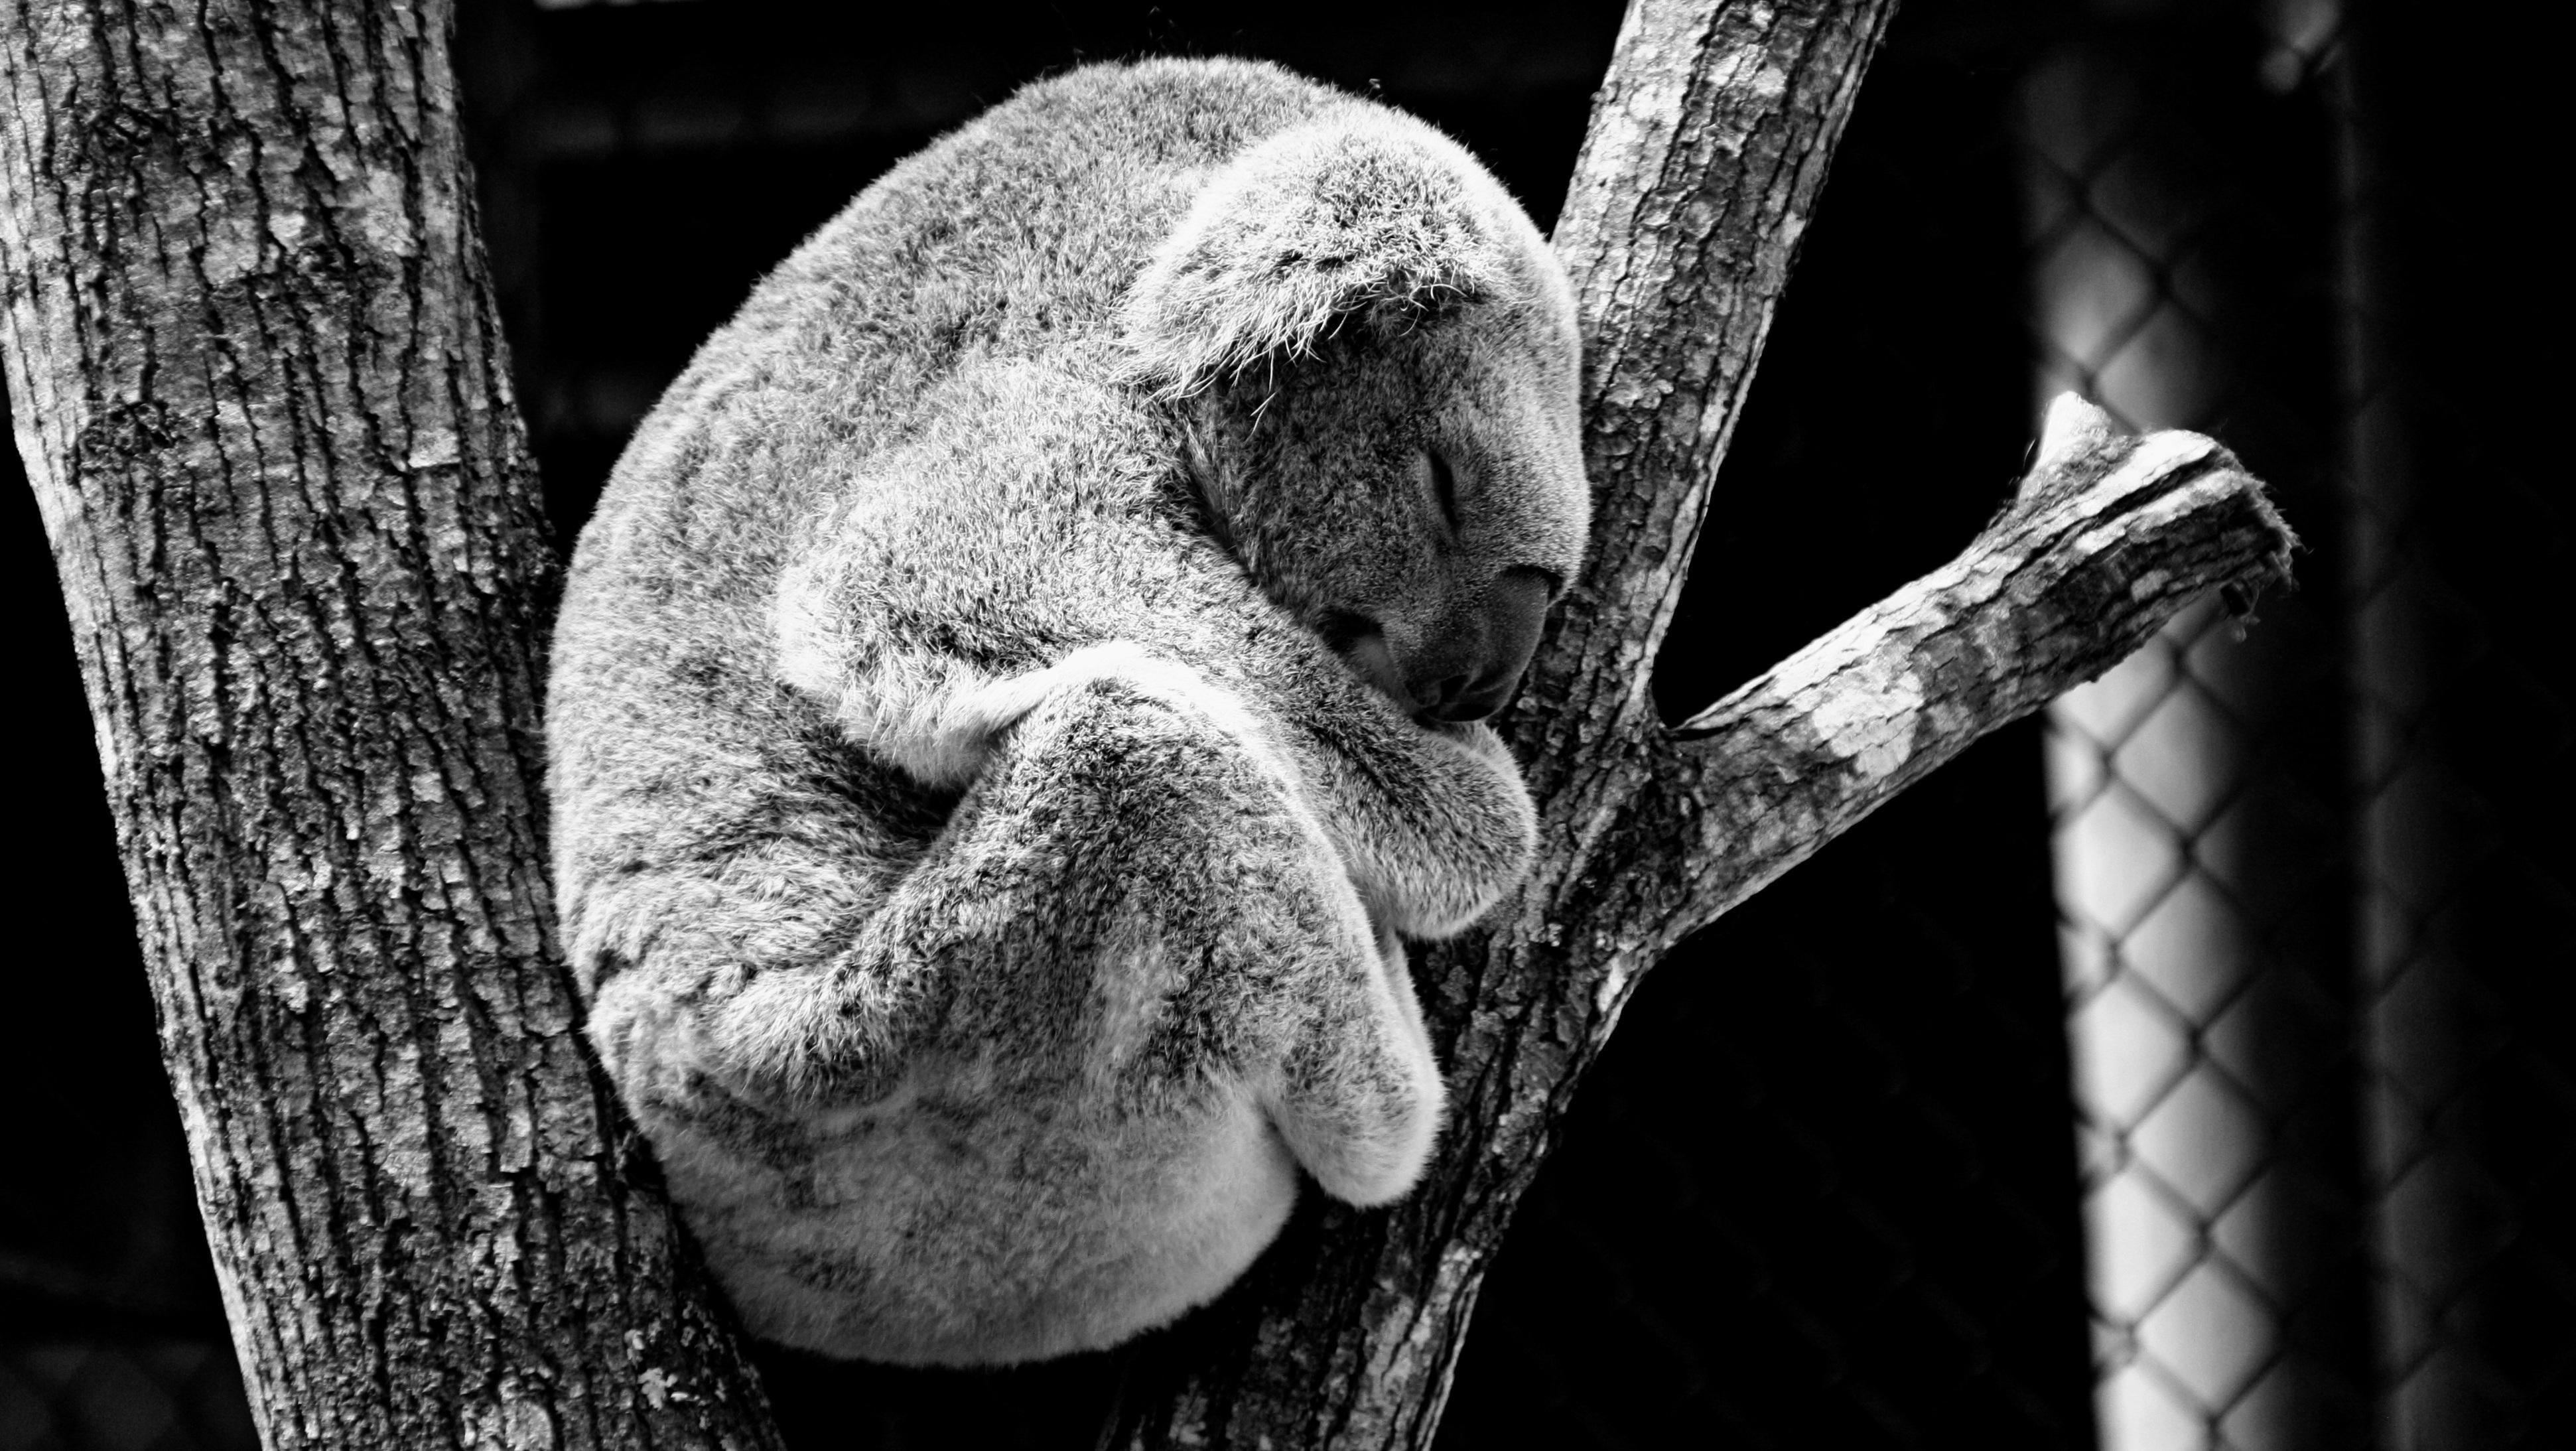 un koala dort dans un arbre profondément, il semble que rien ne puisse le réveiller